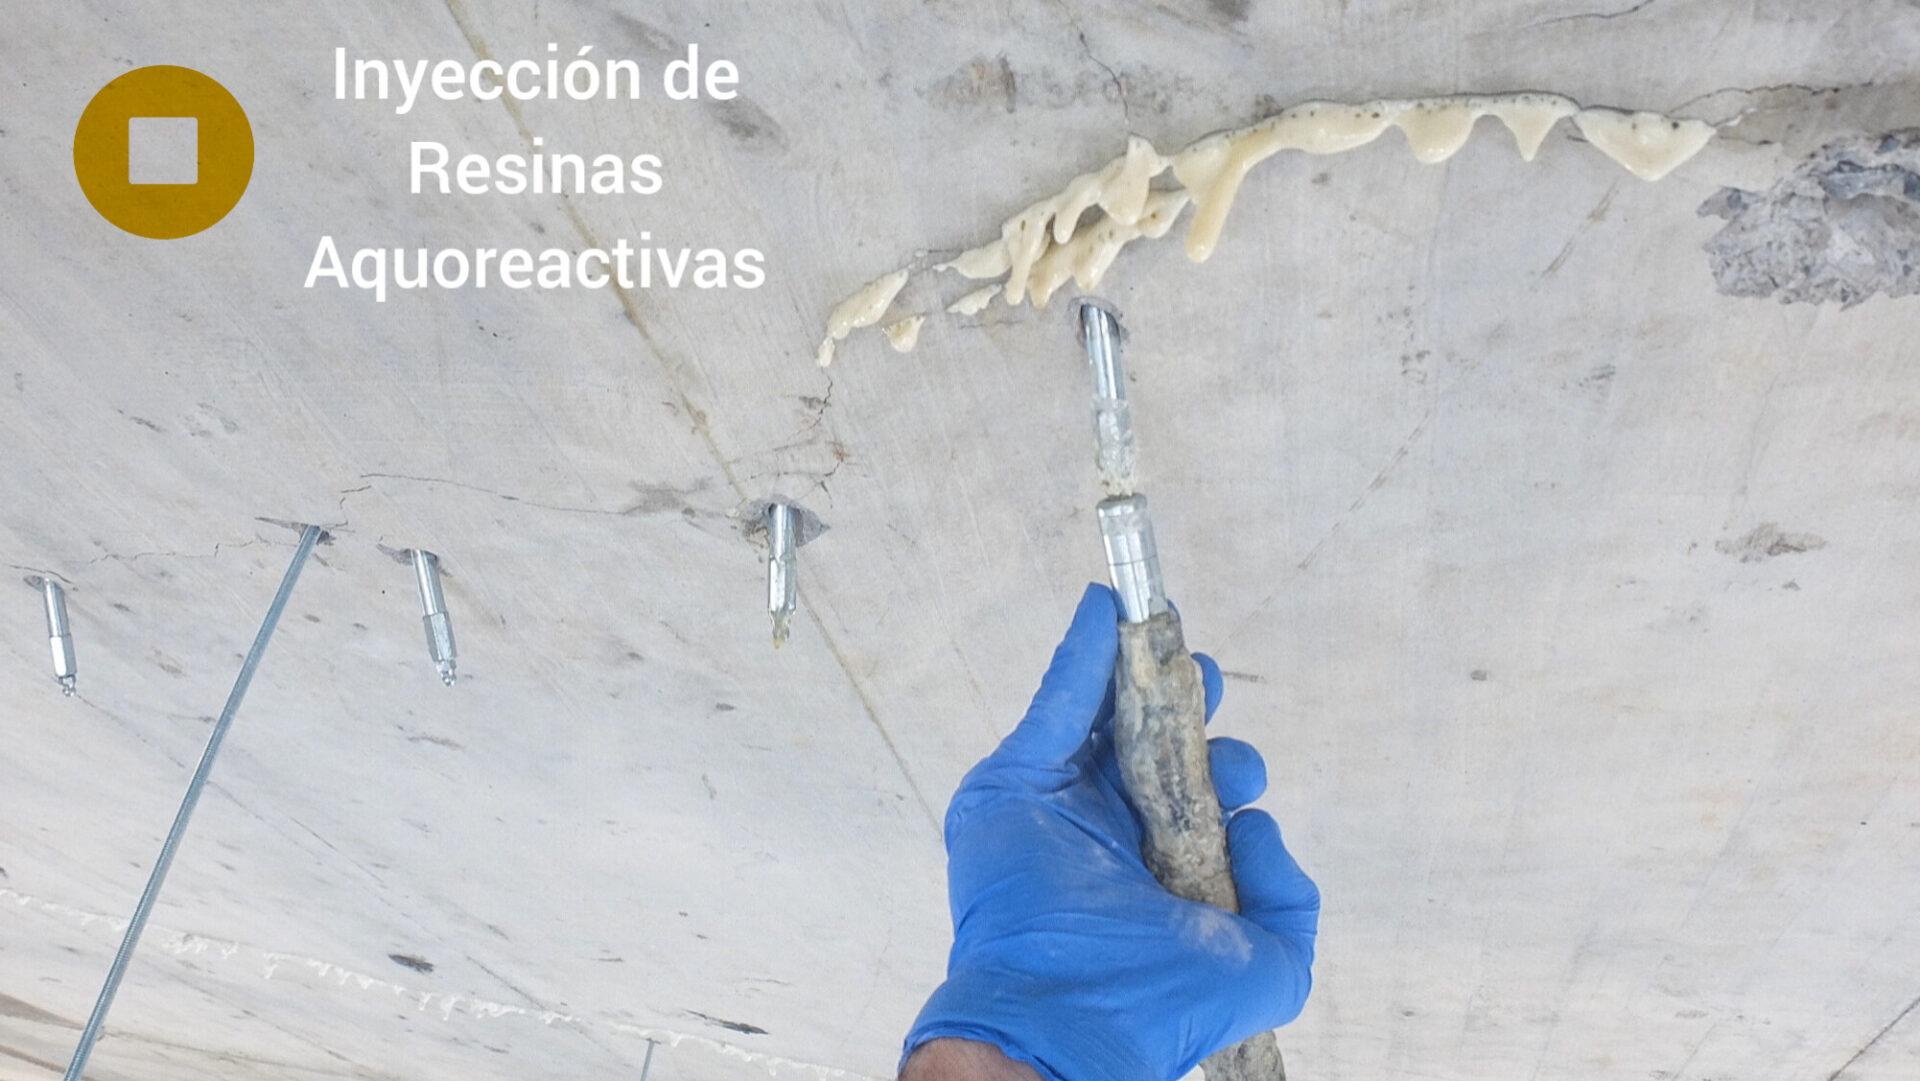 inyección resinas 1